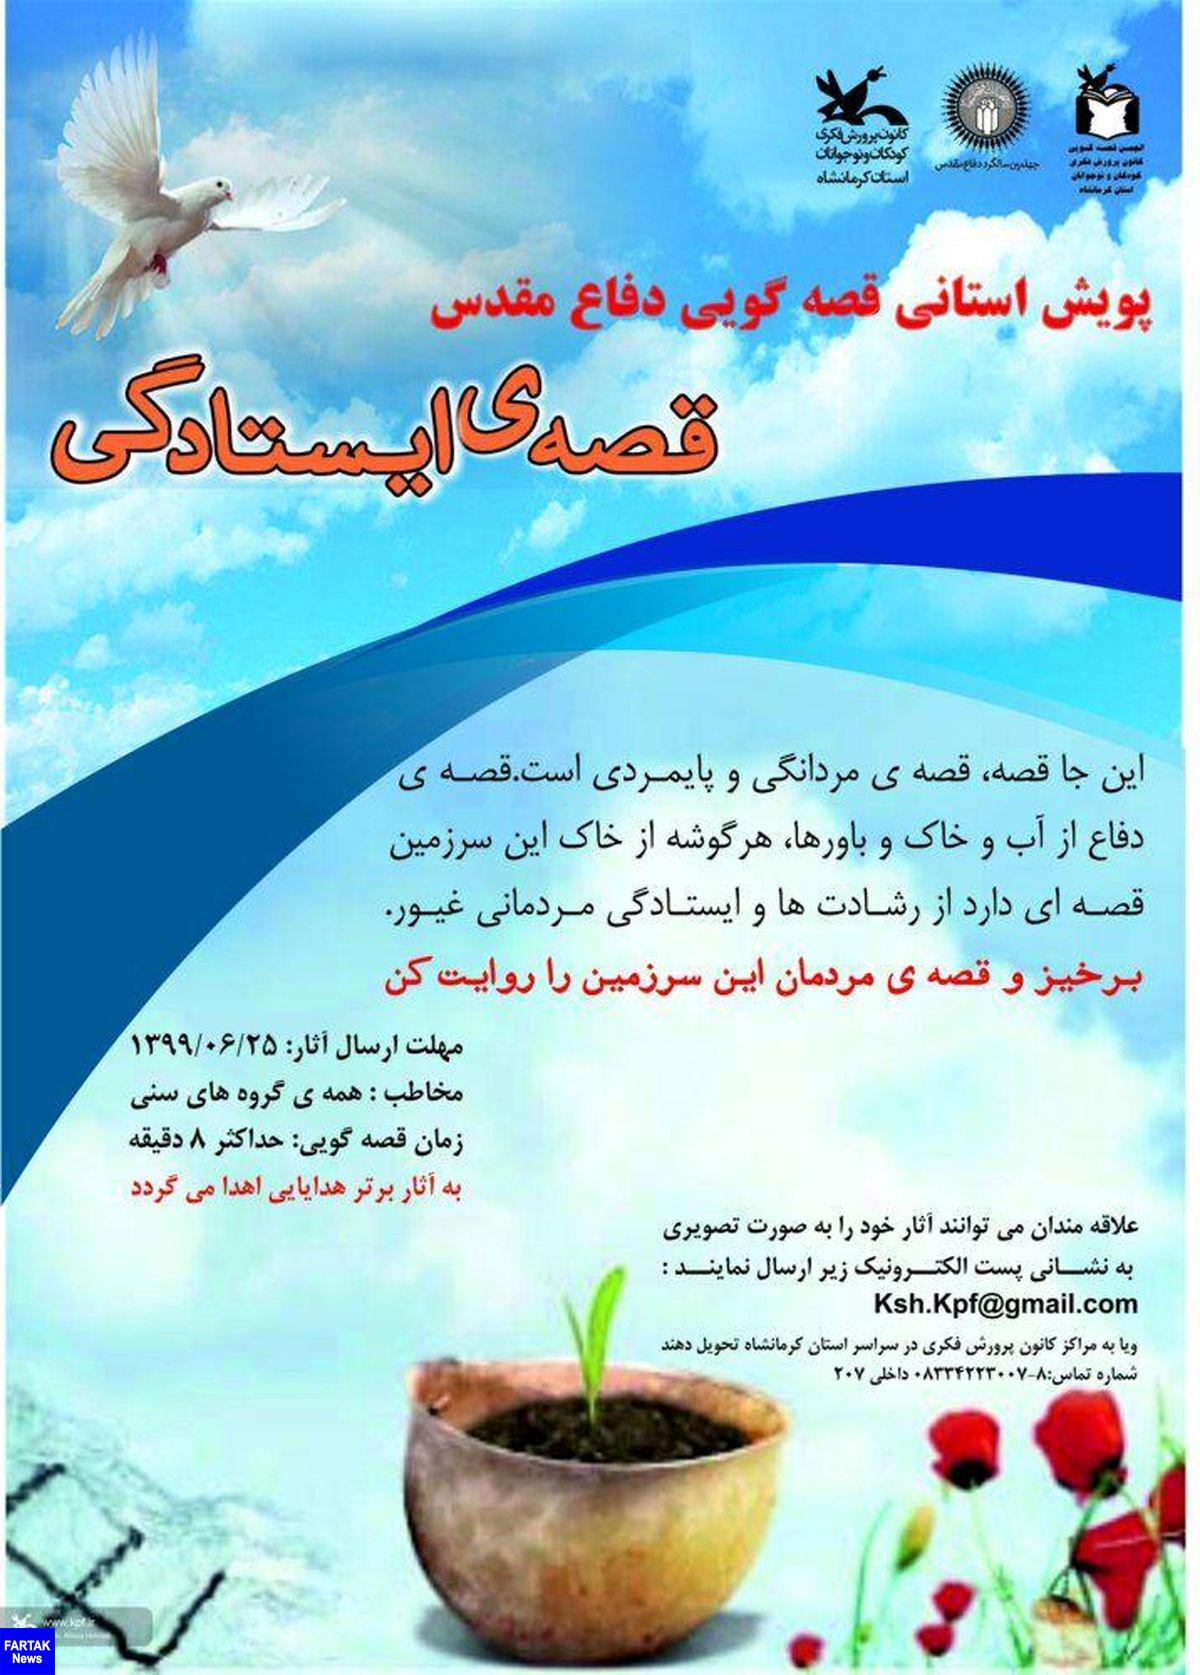 """"""" قصه ایستادگی"""" در کرمانشاه روایت می شود"""